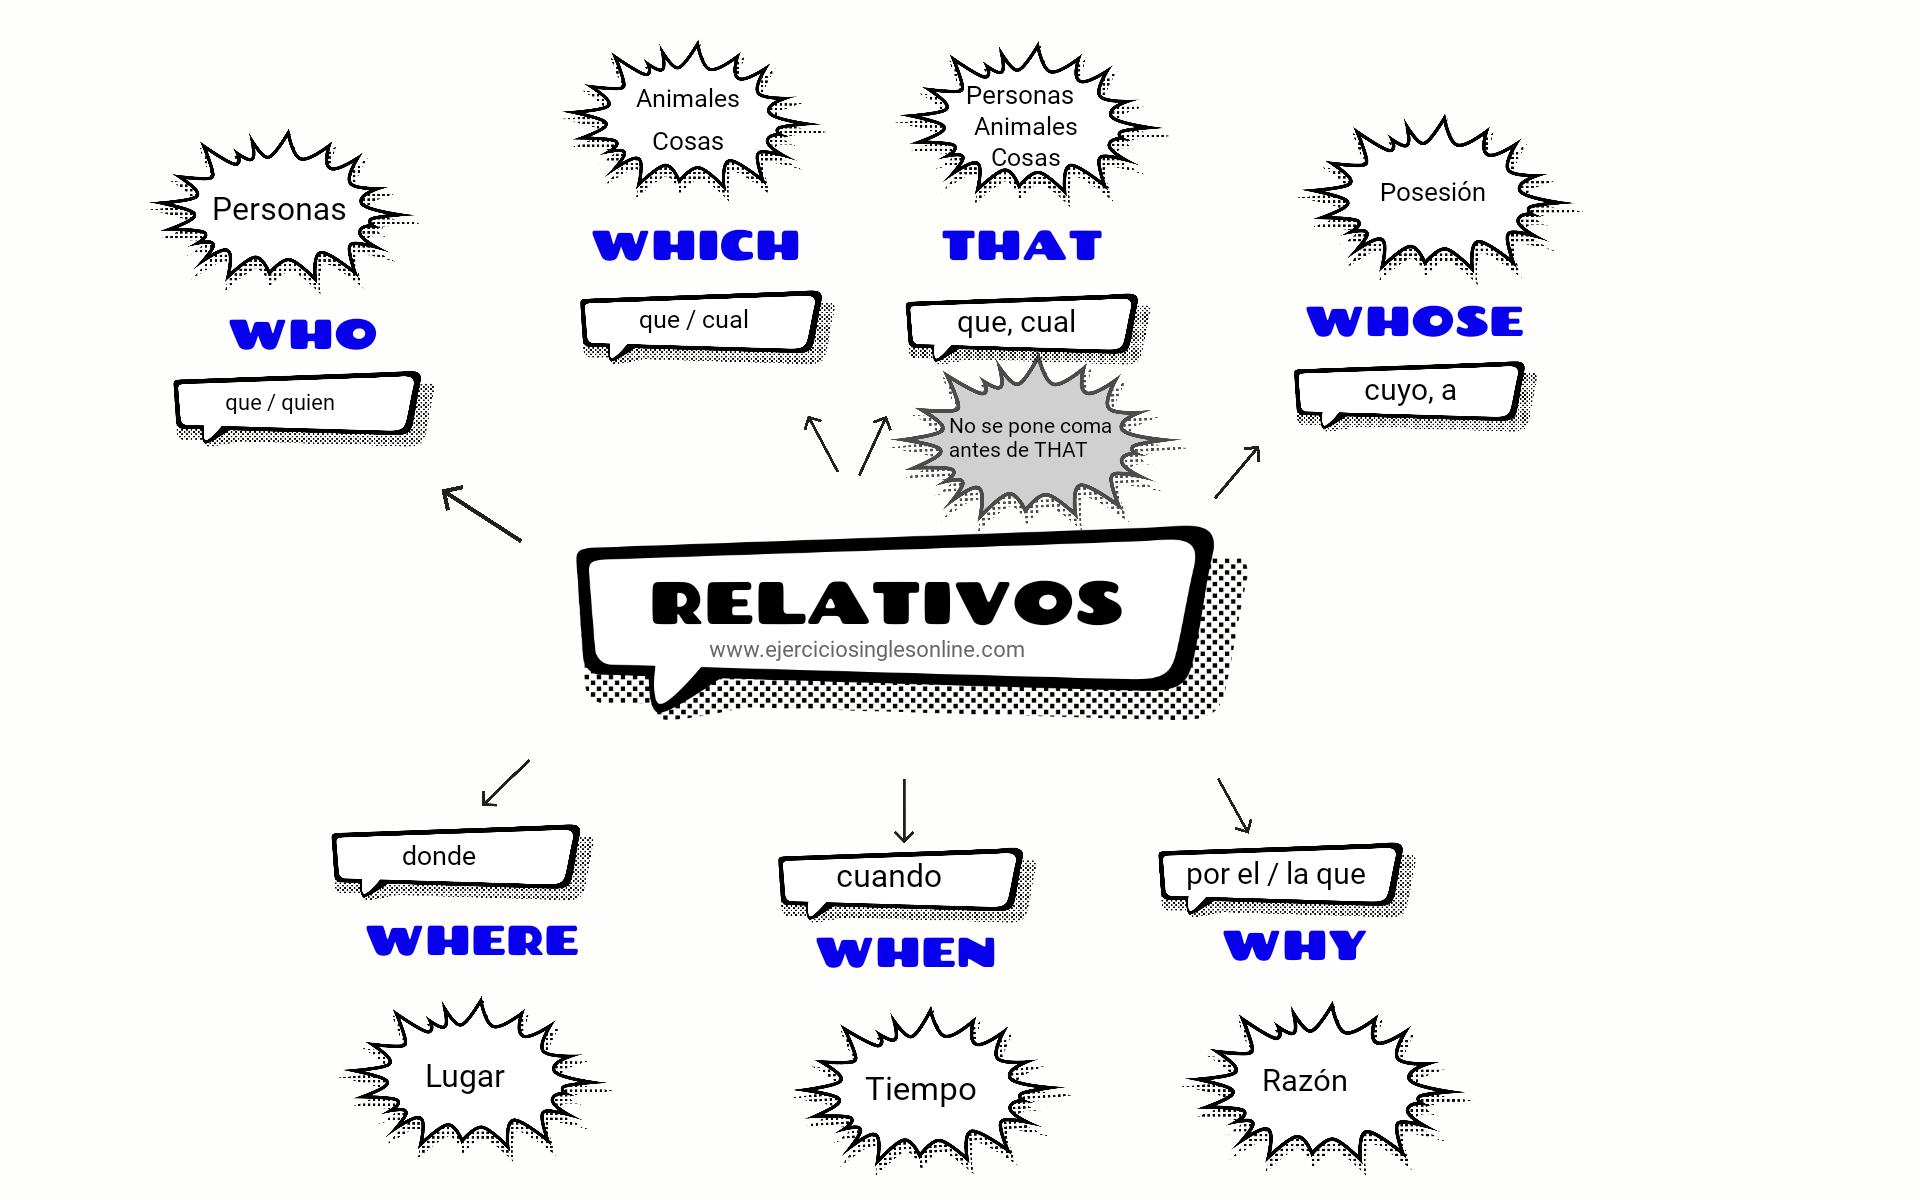 Relativos - Ejercicio 1 - Interactivo